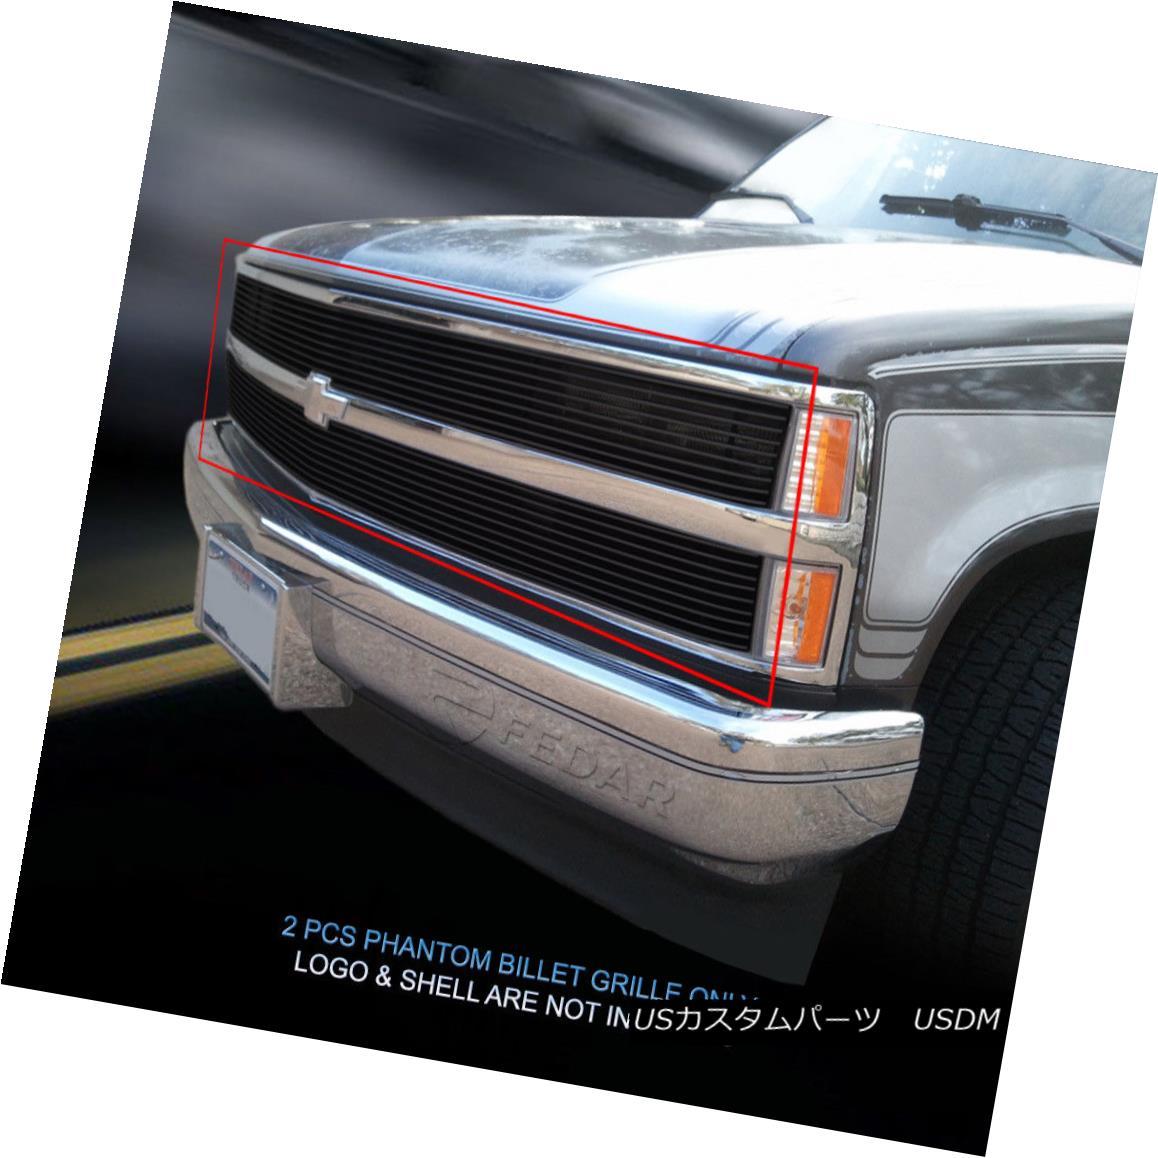 グリル Fit 1988-1993 Chevy C/K Pickup Suburban/Tahoe/Blazer Black Billet Grille Phantom Fit 1988-1993 Chevy C / K Pickup郊外/タホ/ Blazer Black Billet Grille Phantom